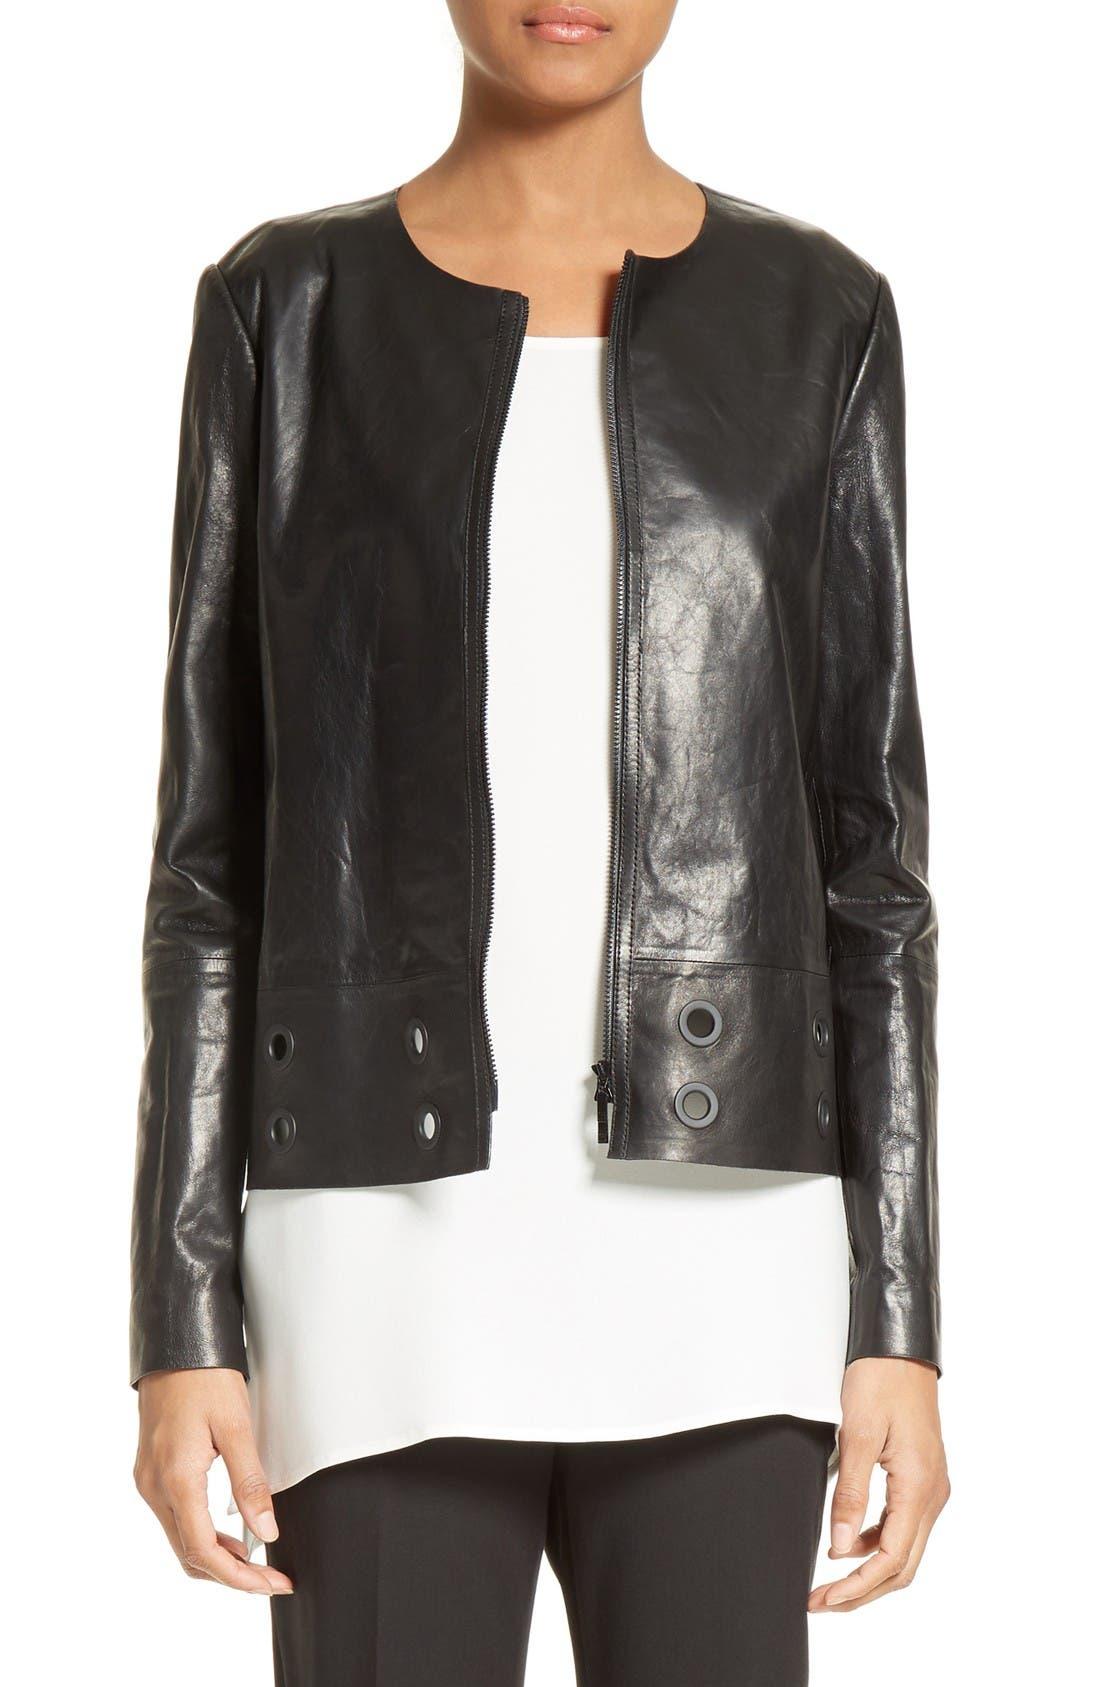 LAFAYETTE 148 NEW YORK Santino Cutout Leather Jacket